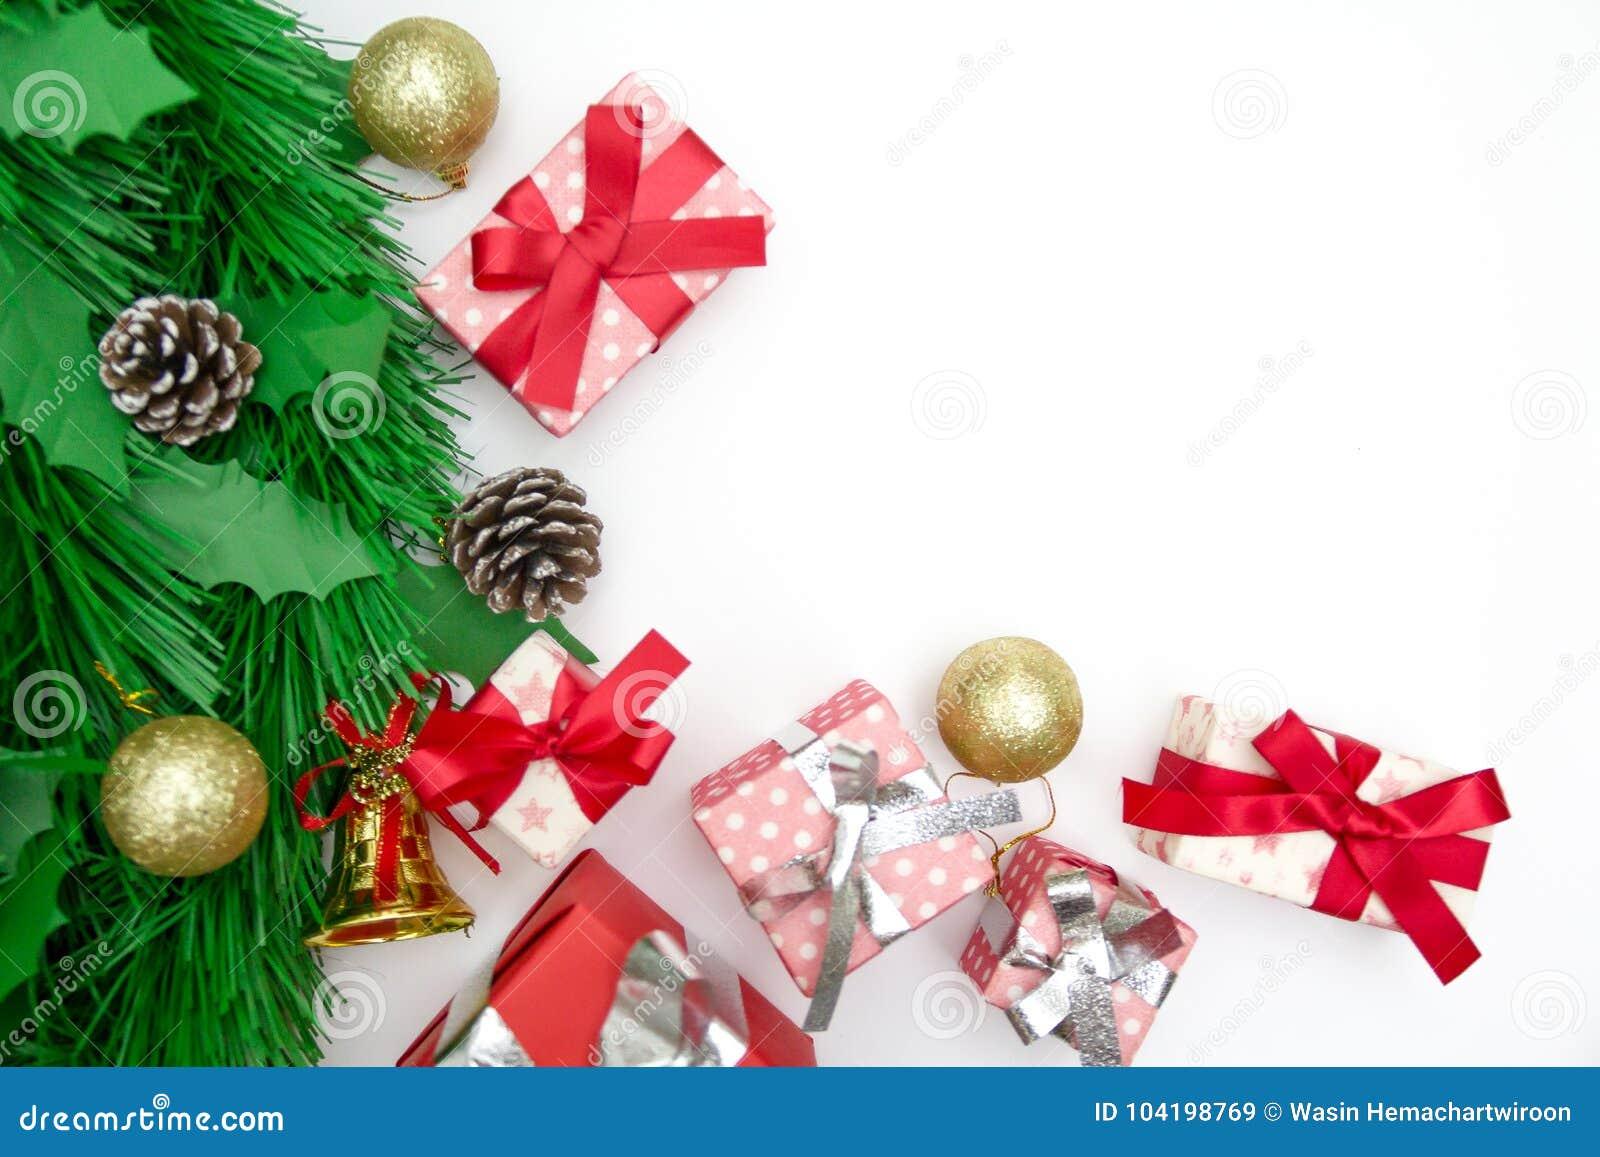 Caja de regalo de la navidad objetos decorativos en el fondo blanco imagen de archivo imagen - Objetos de navidad ...